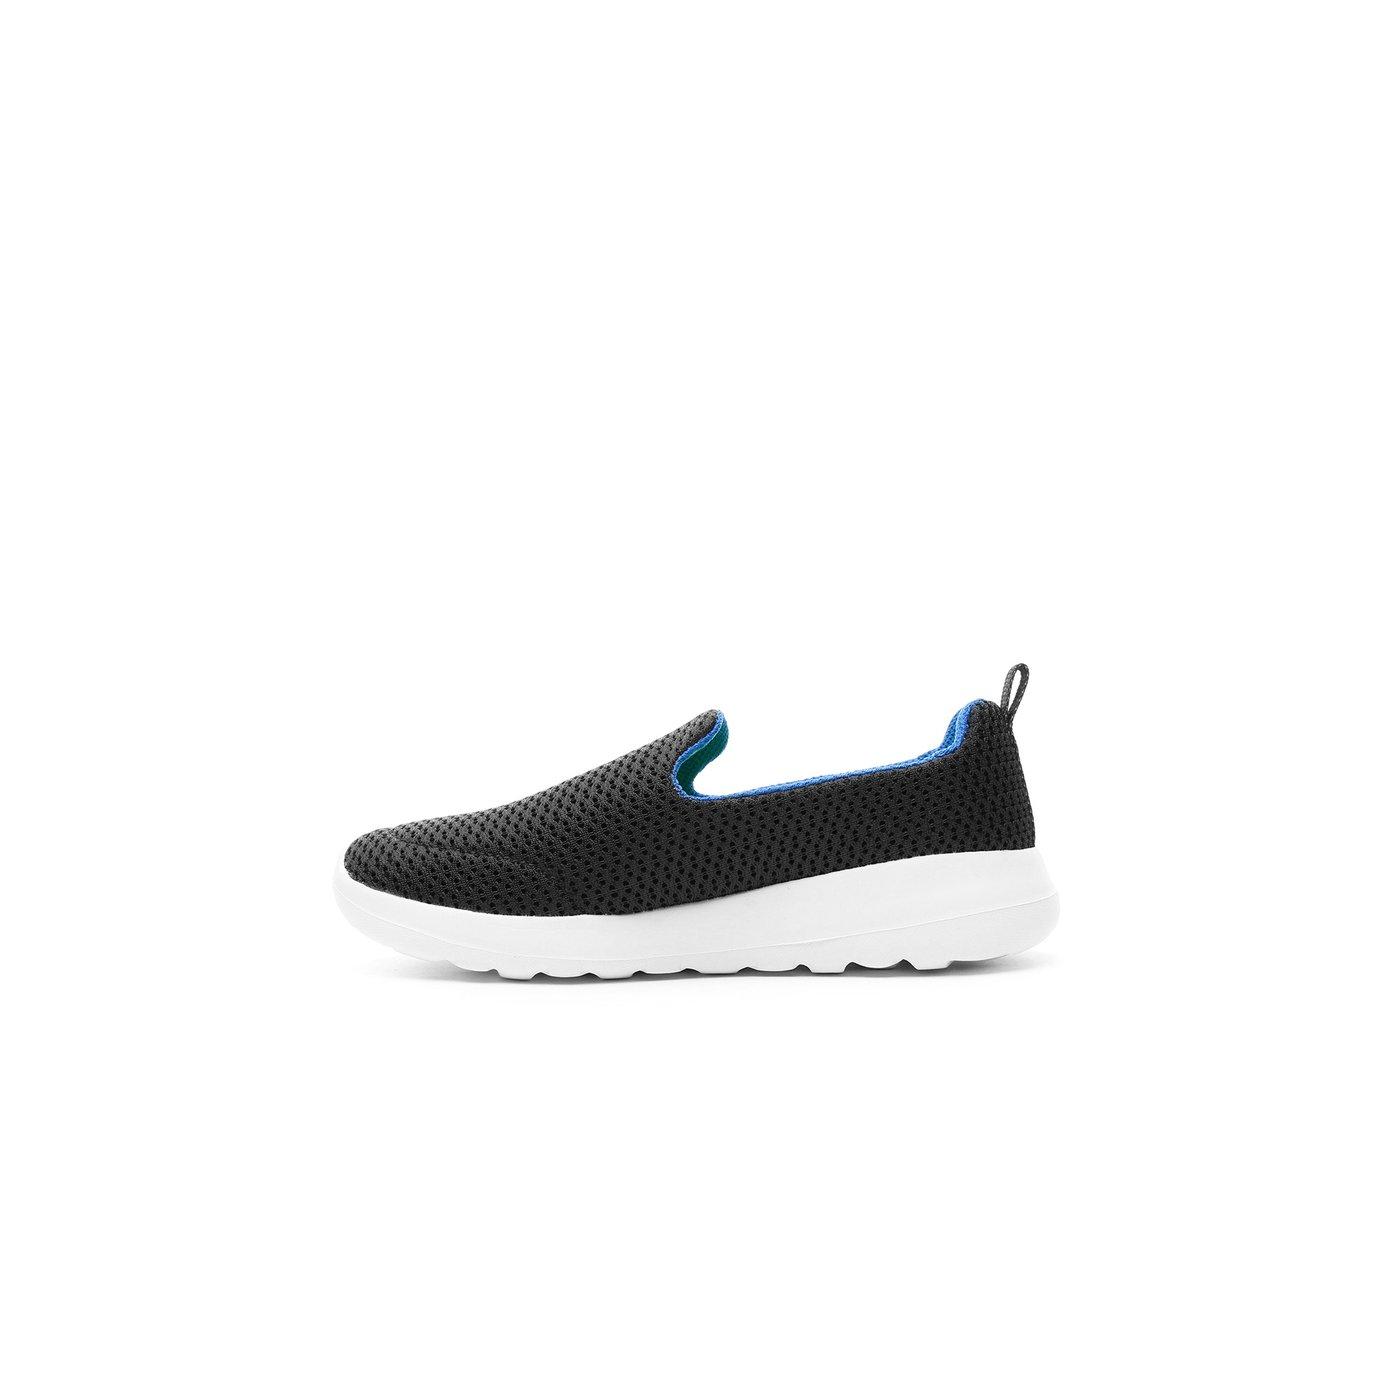 Skechers Go Walk Max Çocuk Siyah-Mavi Spor Ayakkabı